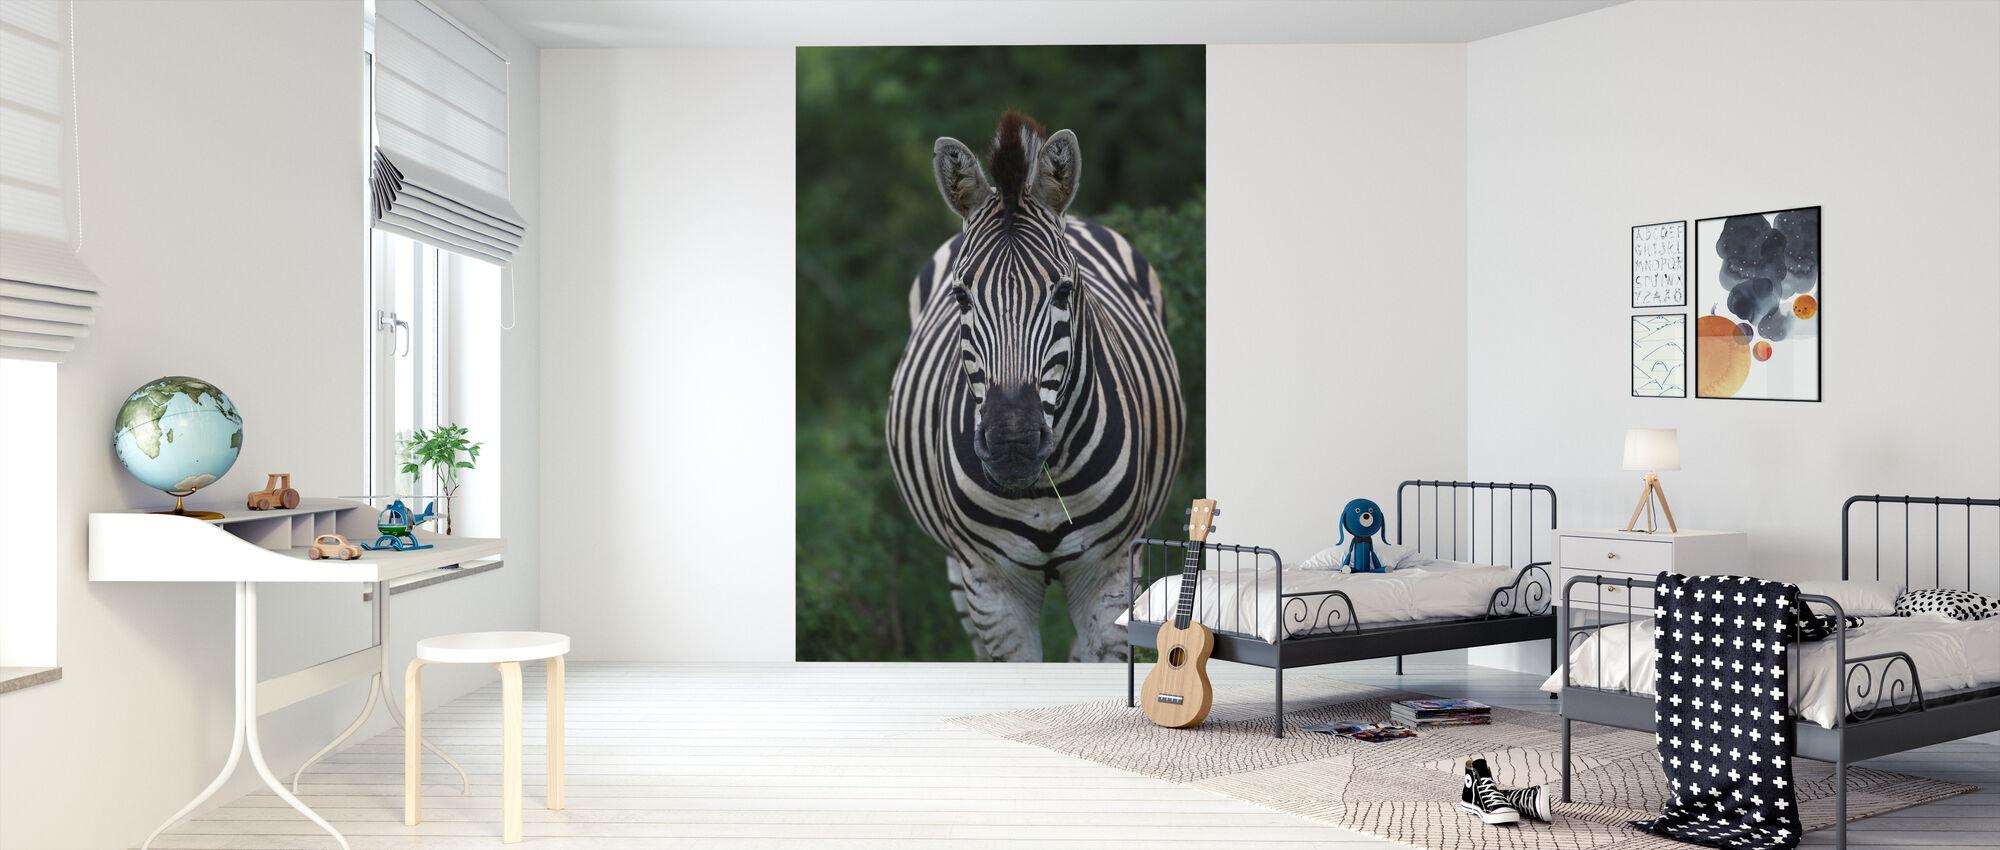 African Zebra - Wallpaper - Kids Room